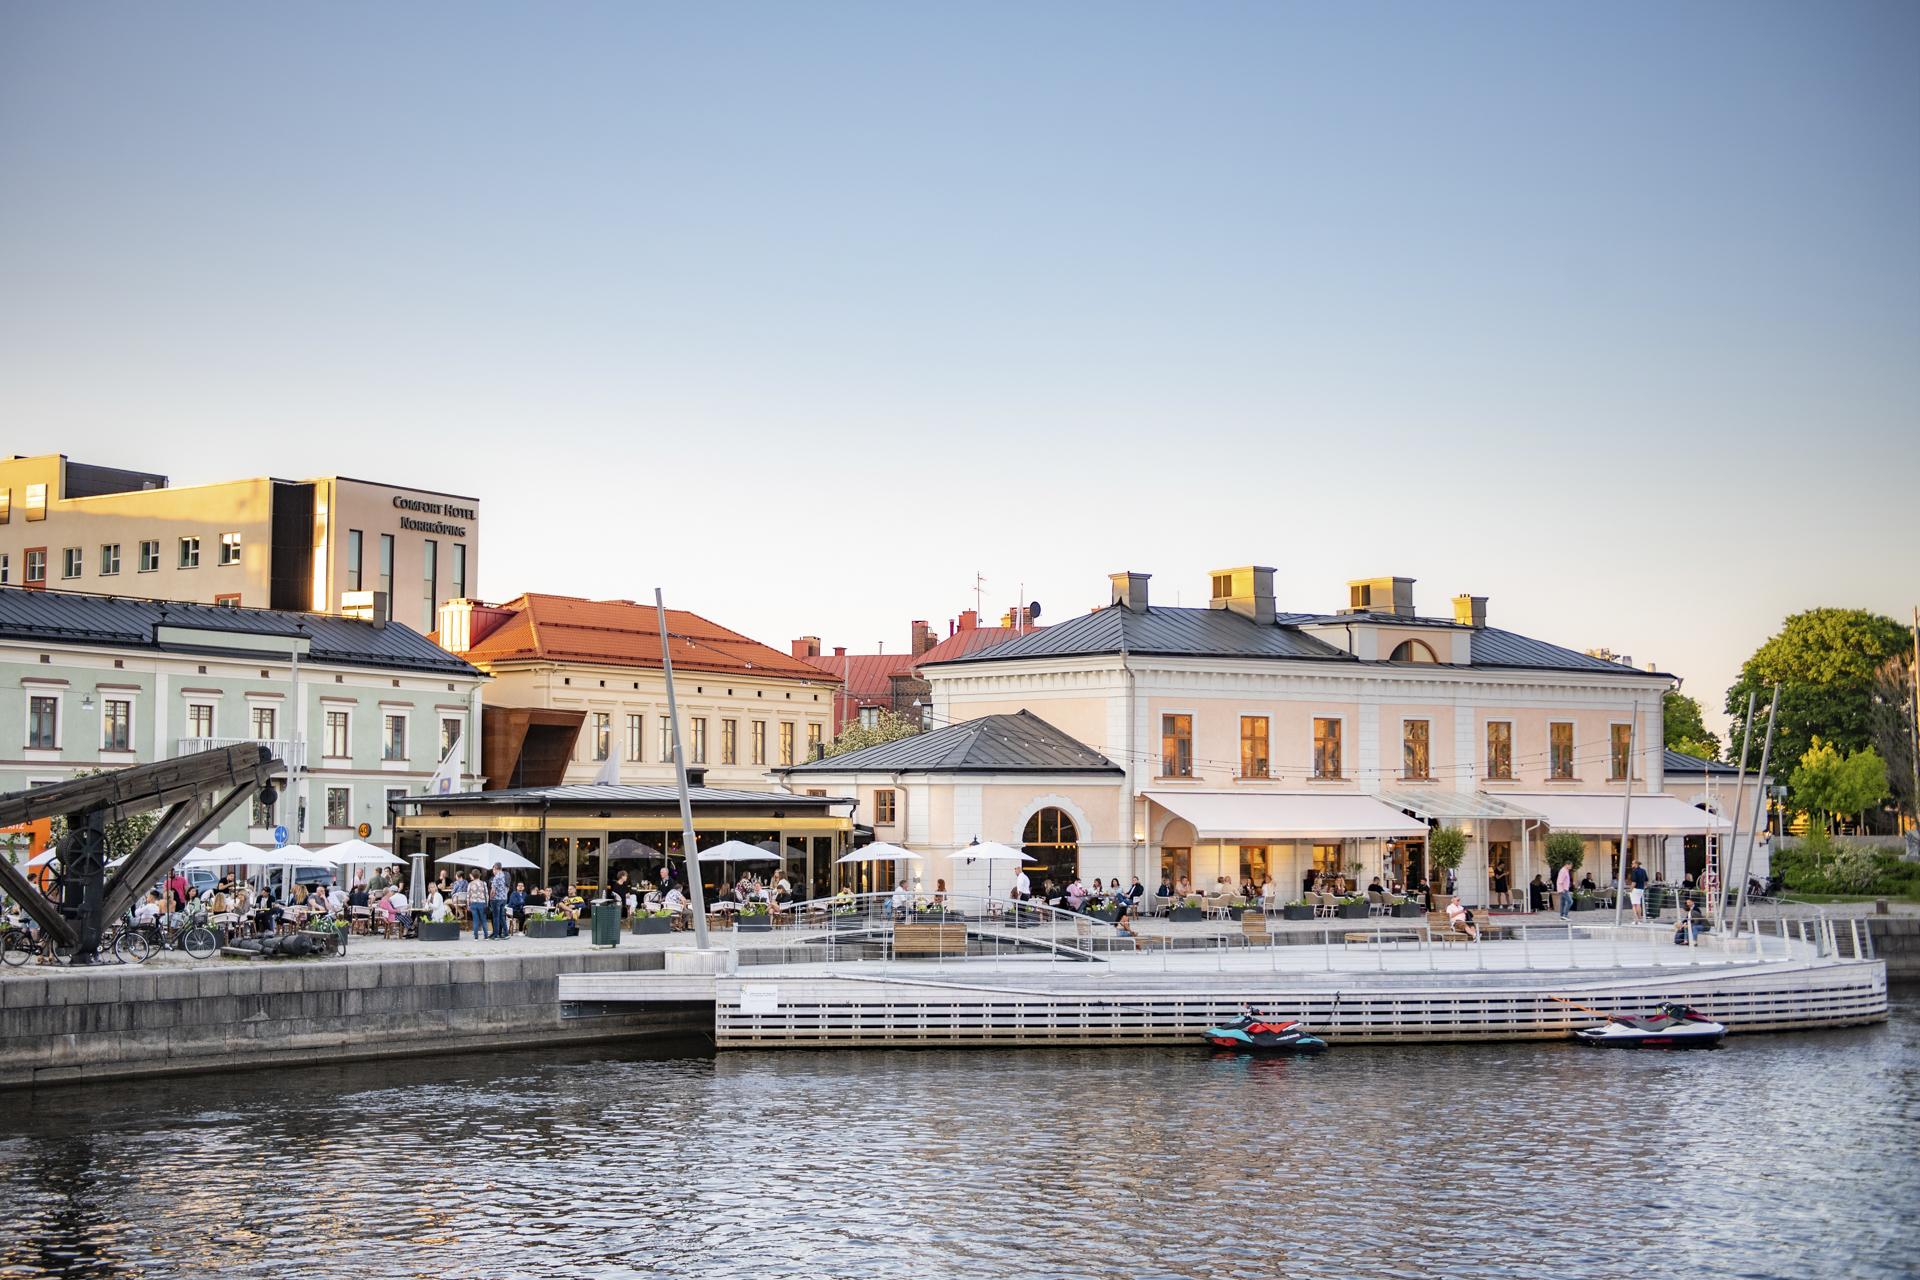 Vacker utsikt från vattnet mot tullhuset seaclub i Norrköping. Fotograf: Pressbild Norrköping